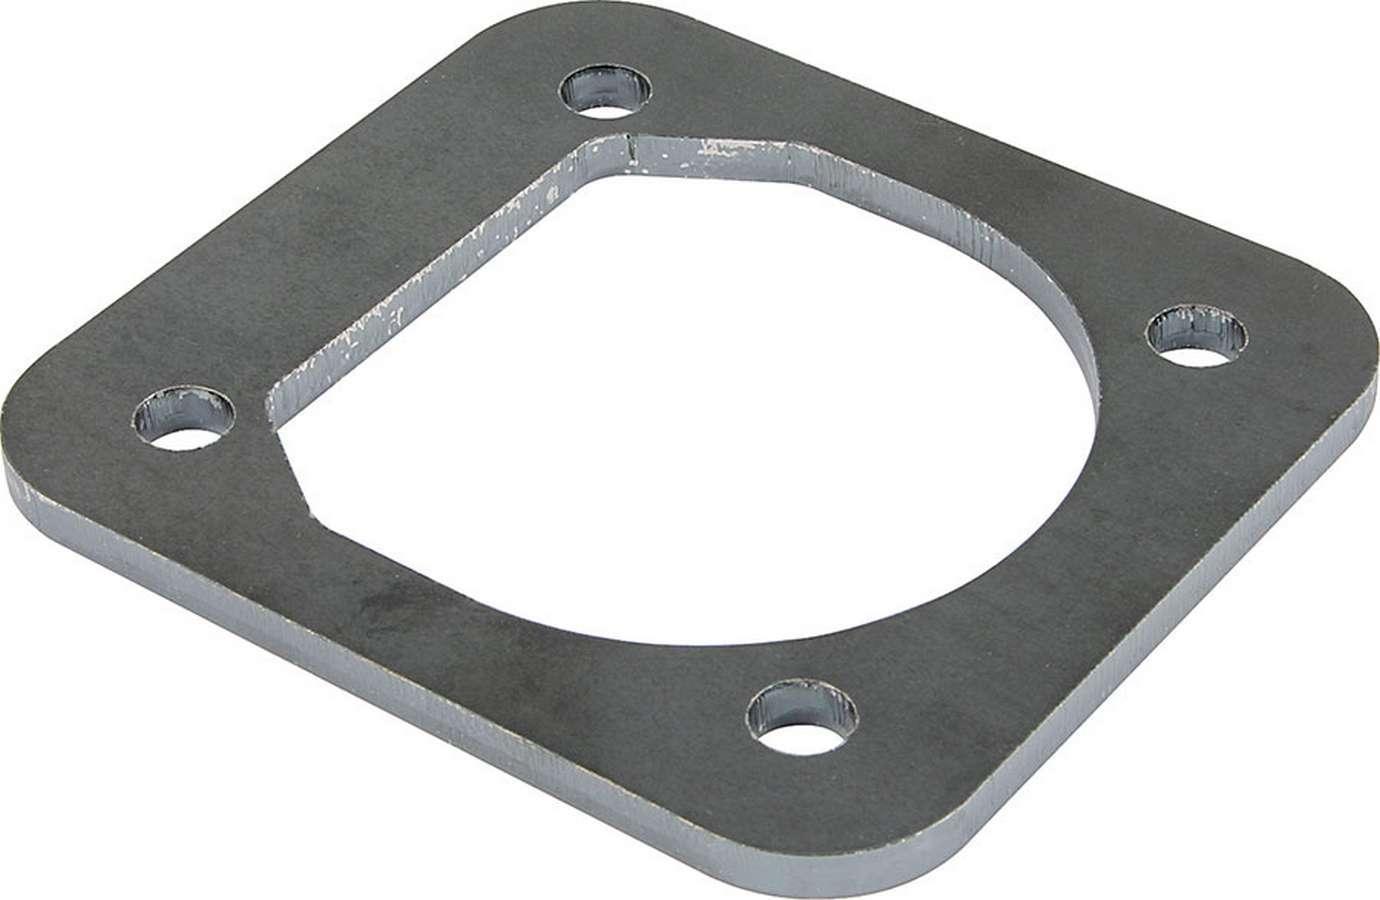 Allstar Performance D-Ring Backing Plate